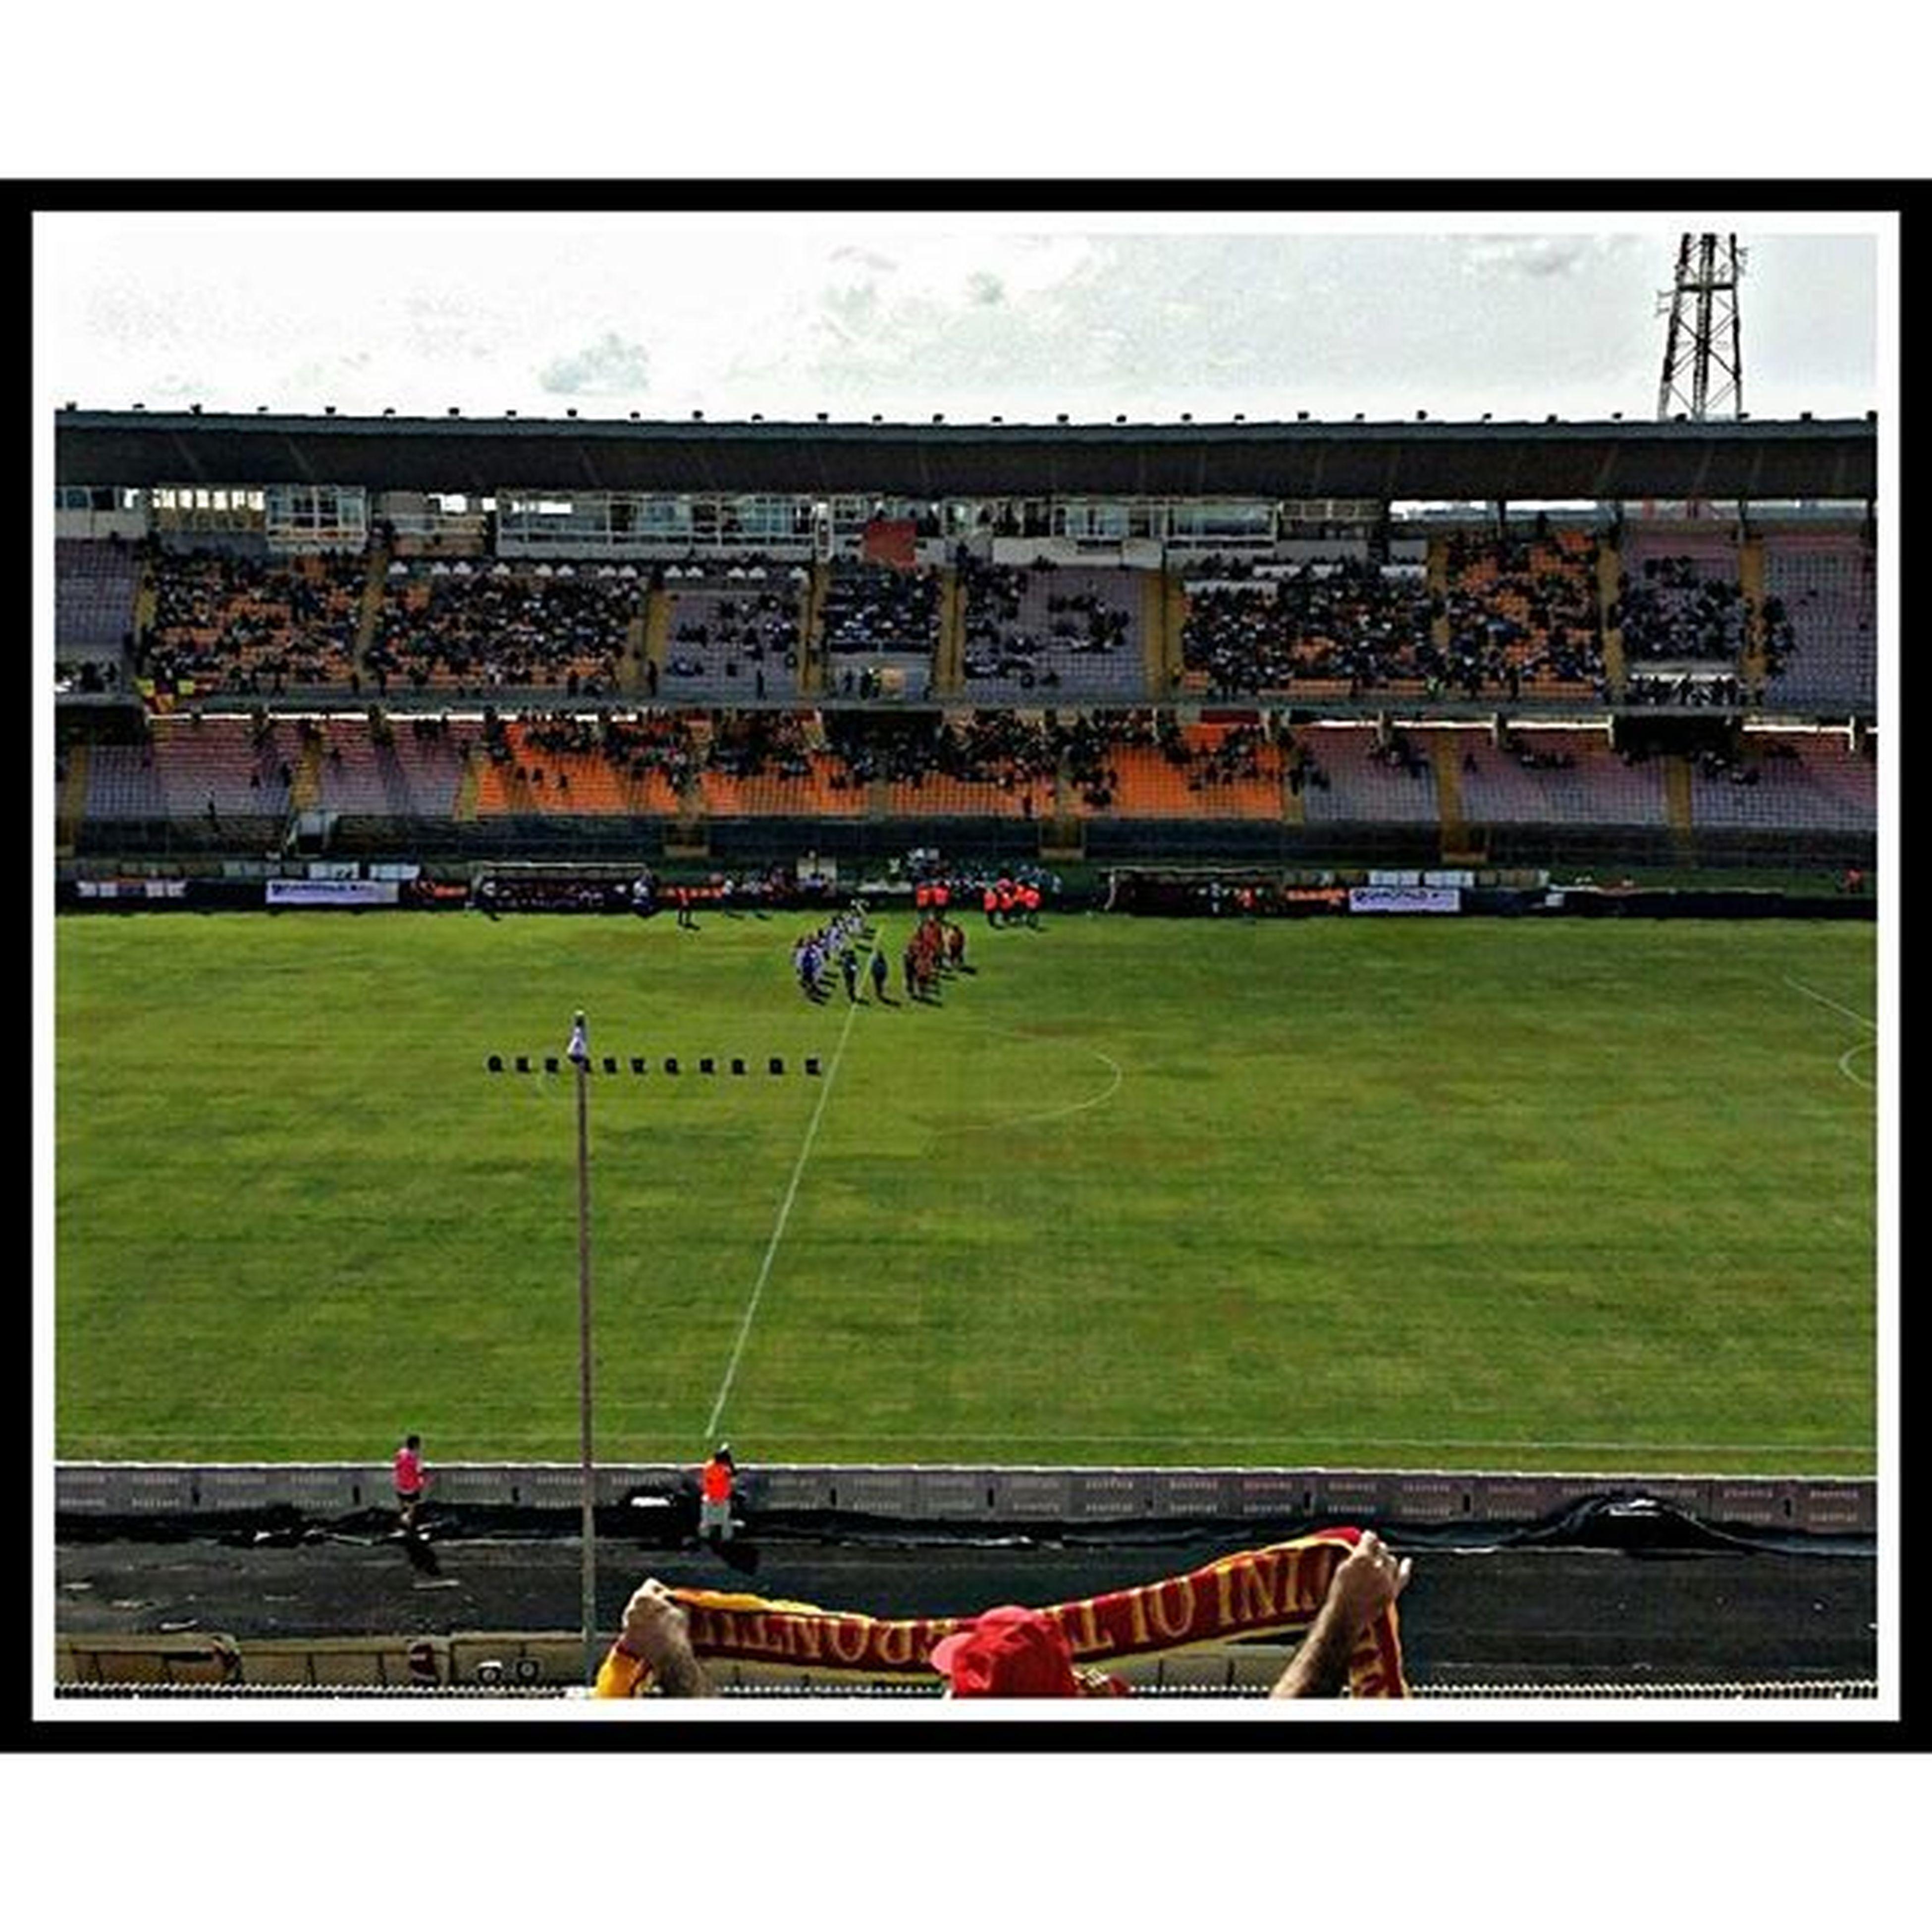 Stadio Lecce Uslecce Viadelmare Fedegiallorossa Legapro Sciarpa Inizialapartita